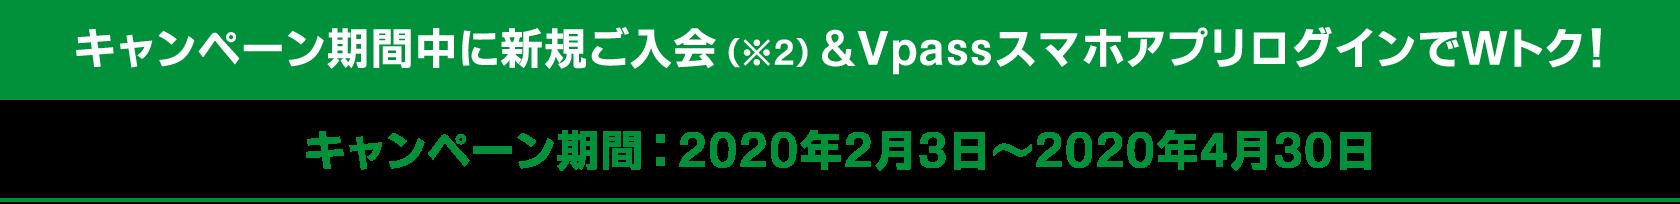 キャンペーン期間中に新規ご入会(※2)&VpassスマホアプリログインでWトク! キャンペーン期間:2020年2月3日~2020年4月30日